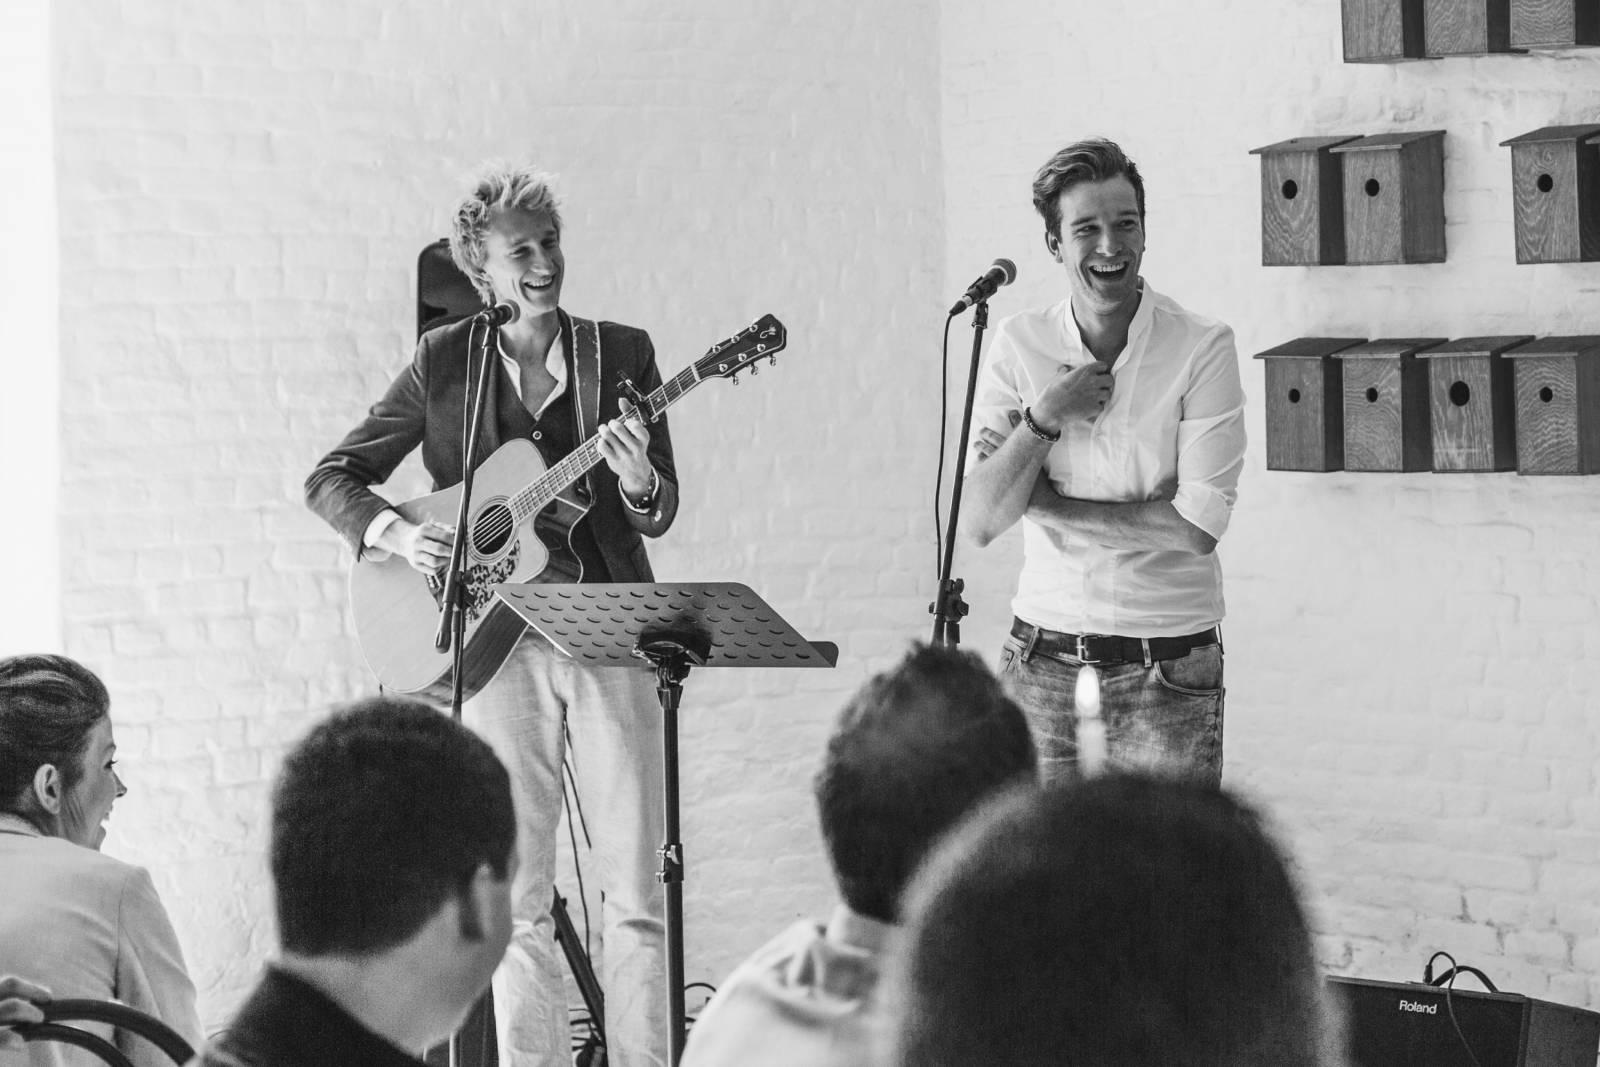 Mathieu & Guillaume artiest livemuziek zangers house of events (6)